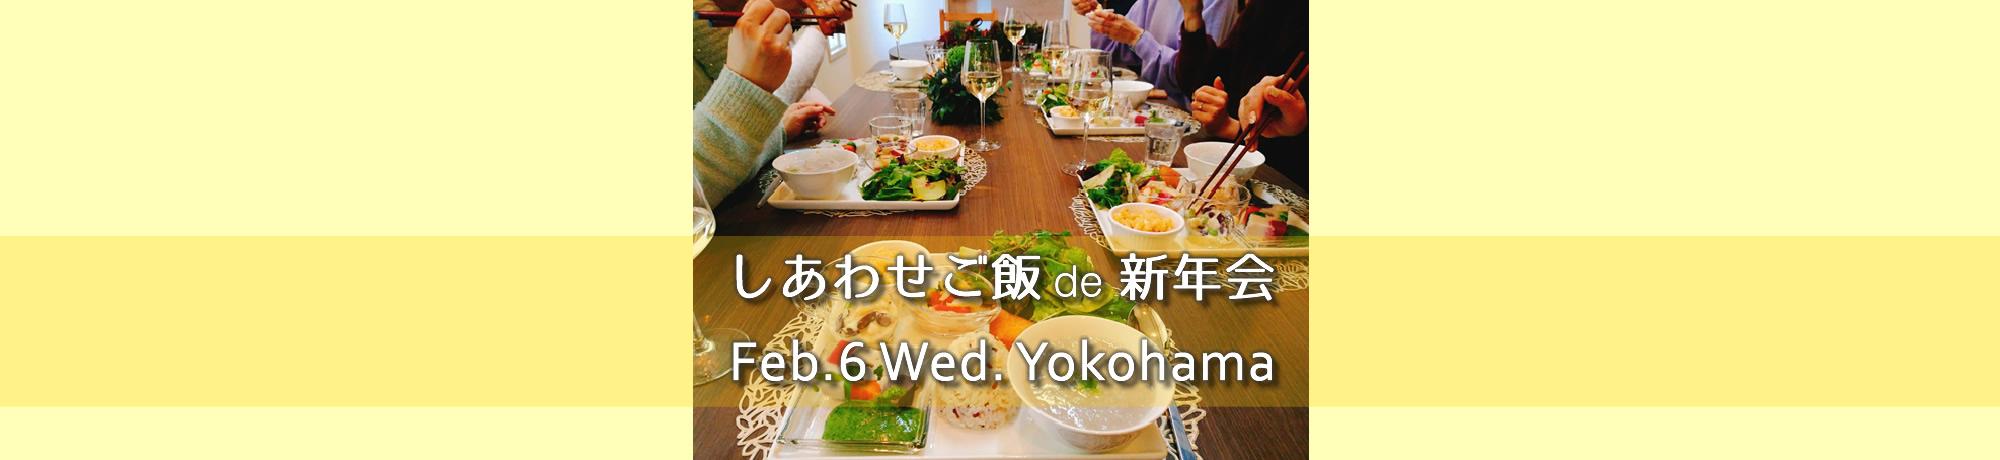 【受付終了】しあわせご飯 de 新年会 2.6 Wed. 横浜